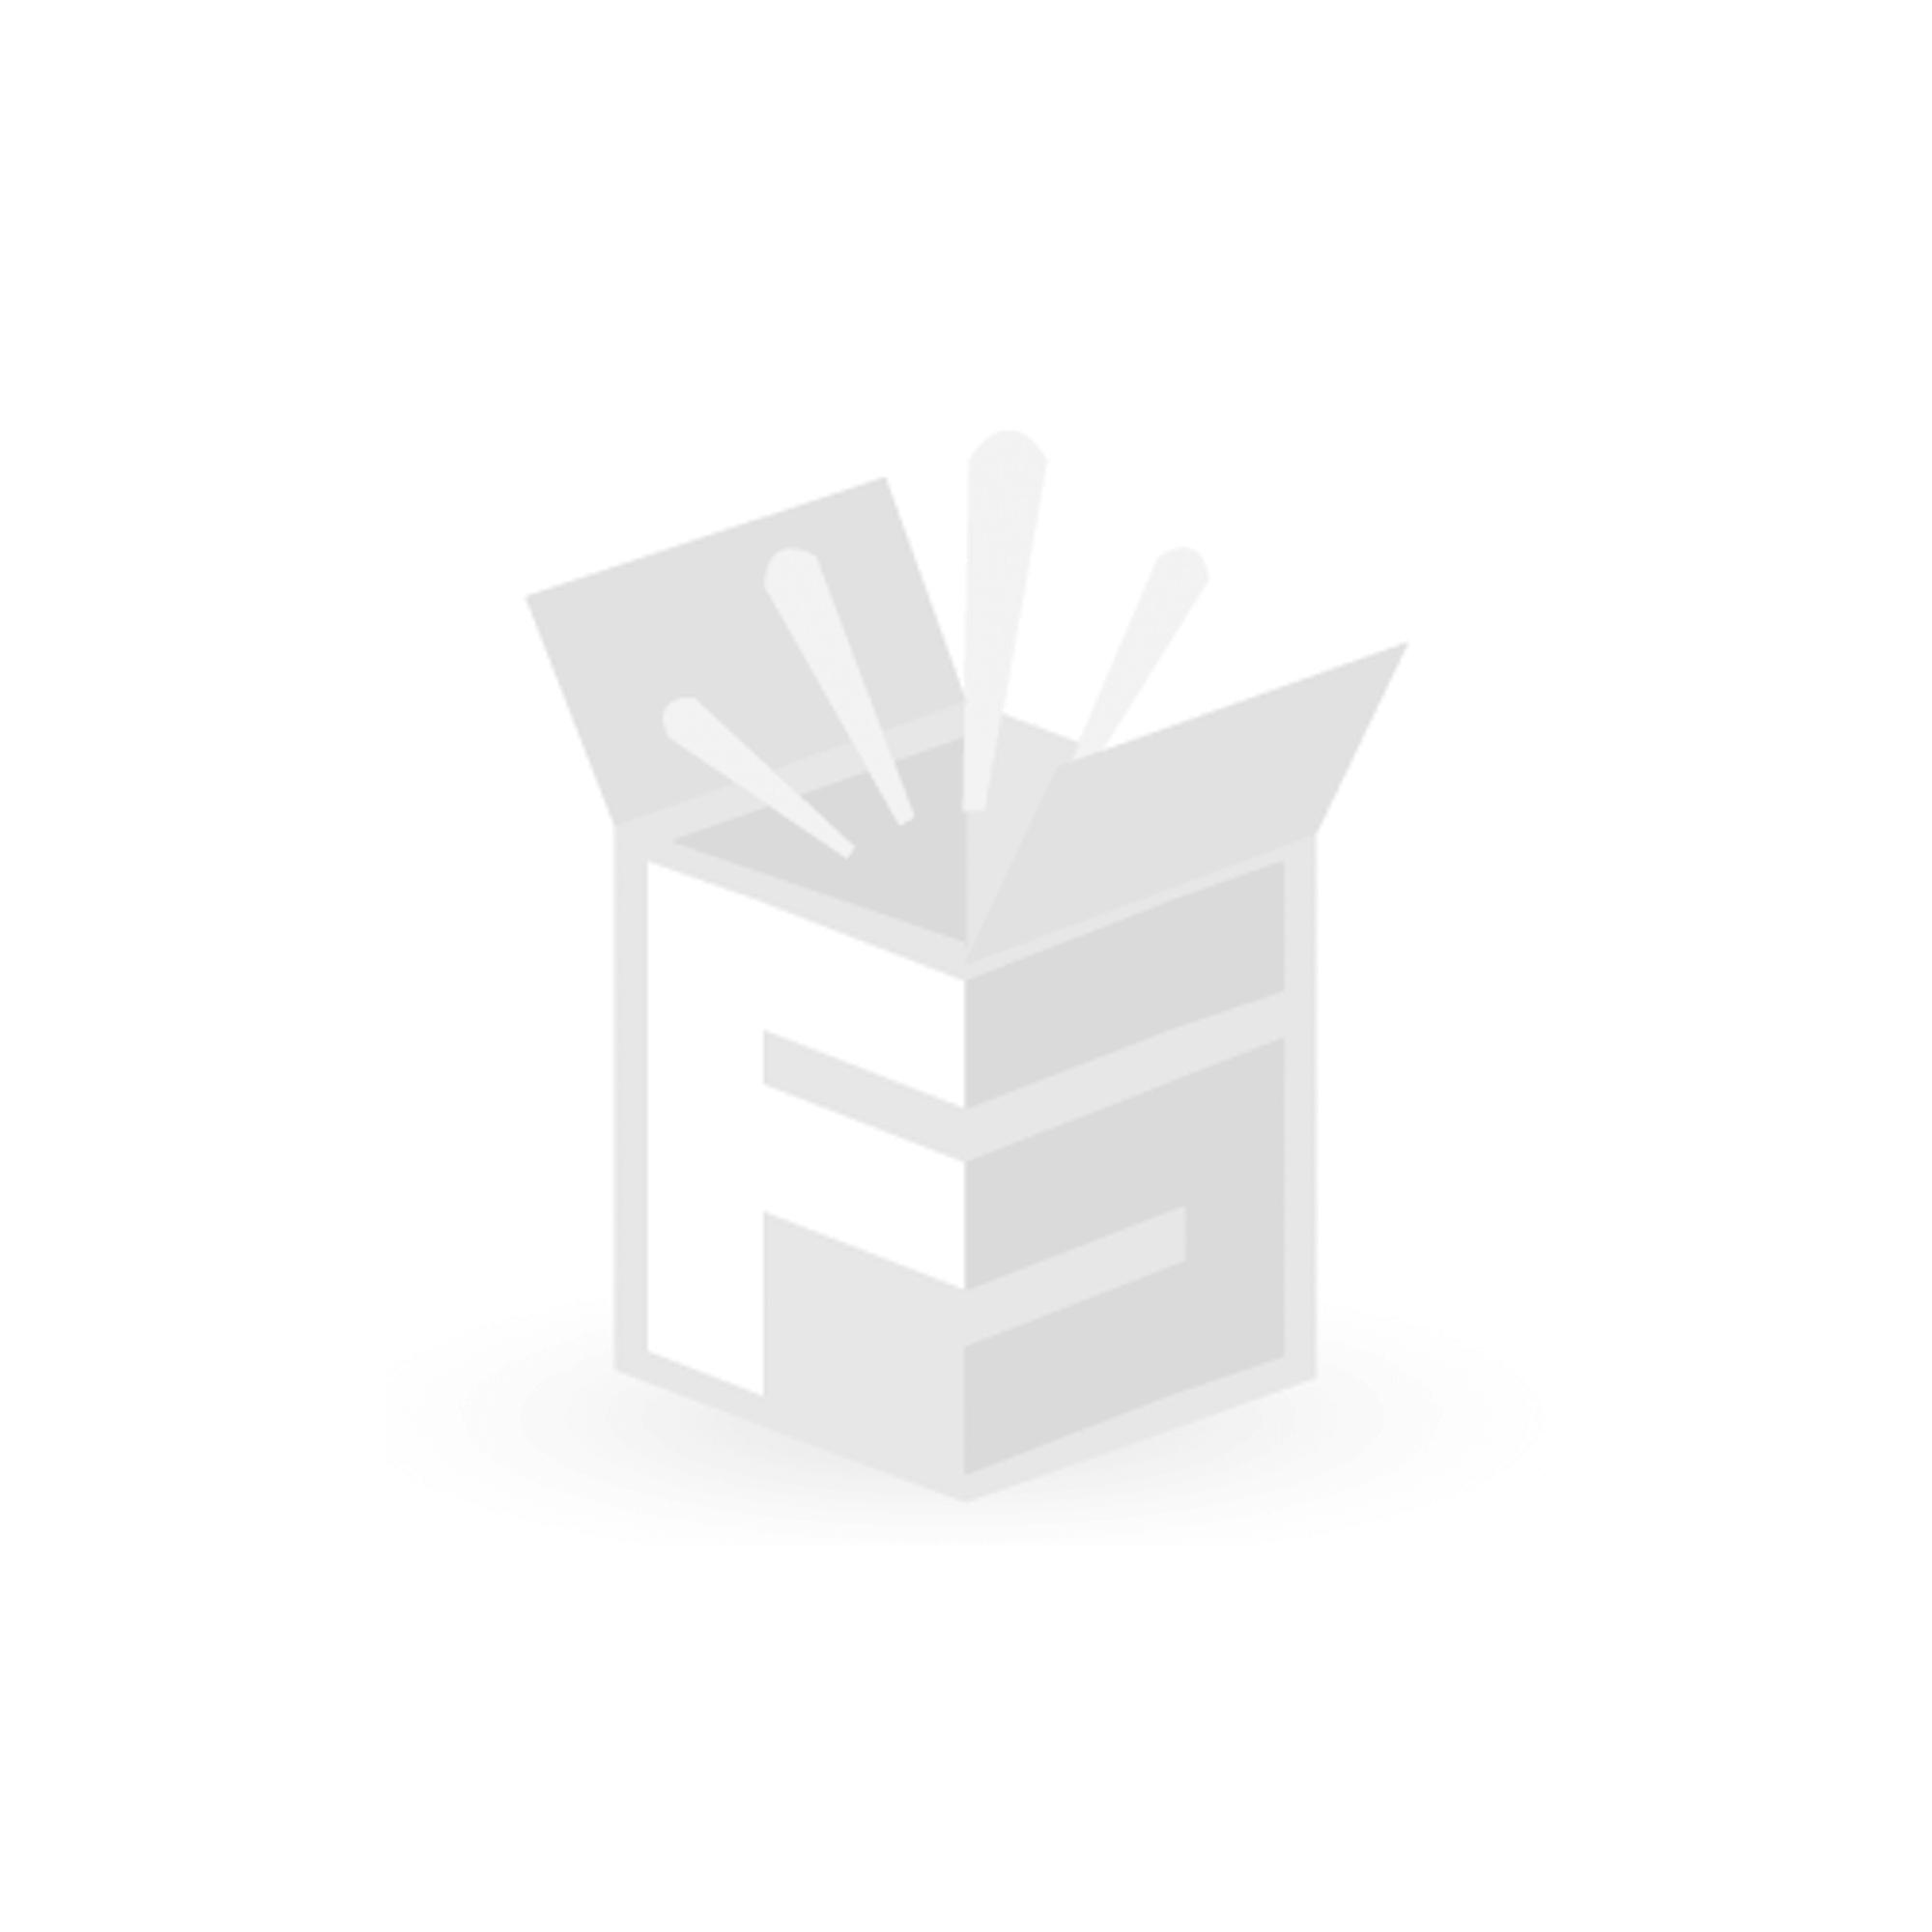 Schutzfolie für Schweissbalken zu Vakuum-Verpackungsmaschine 260